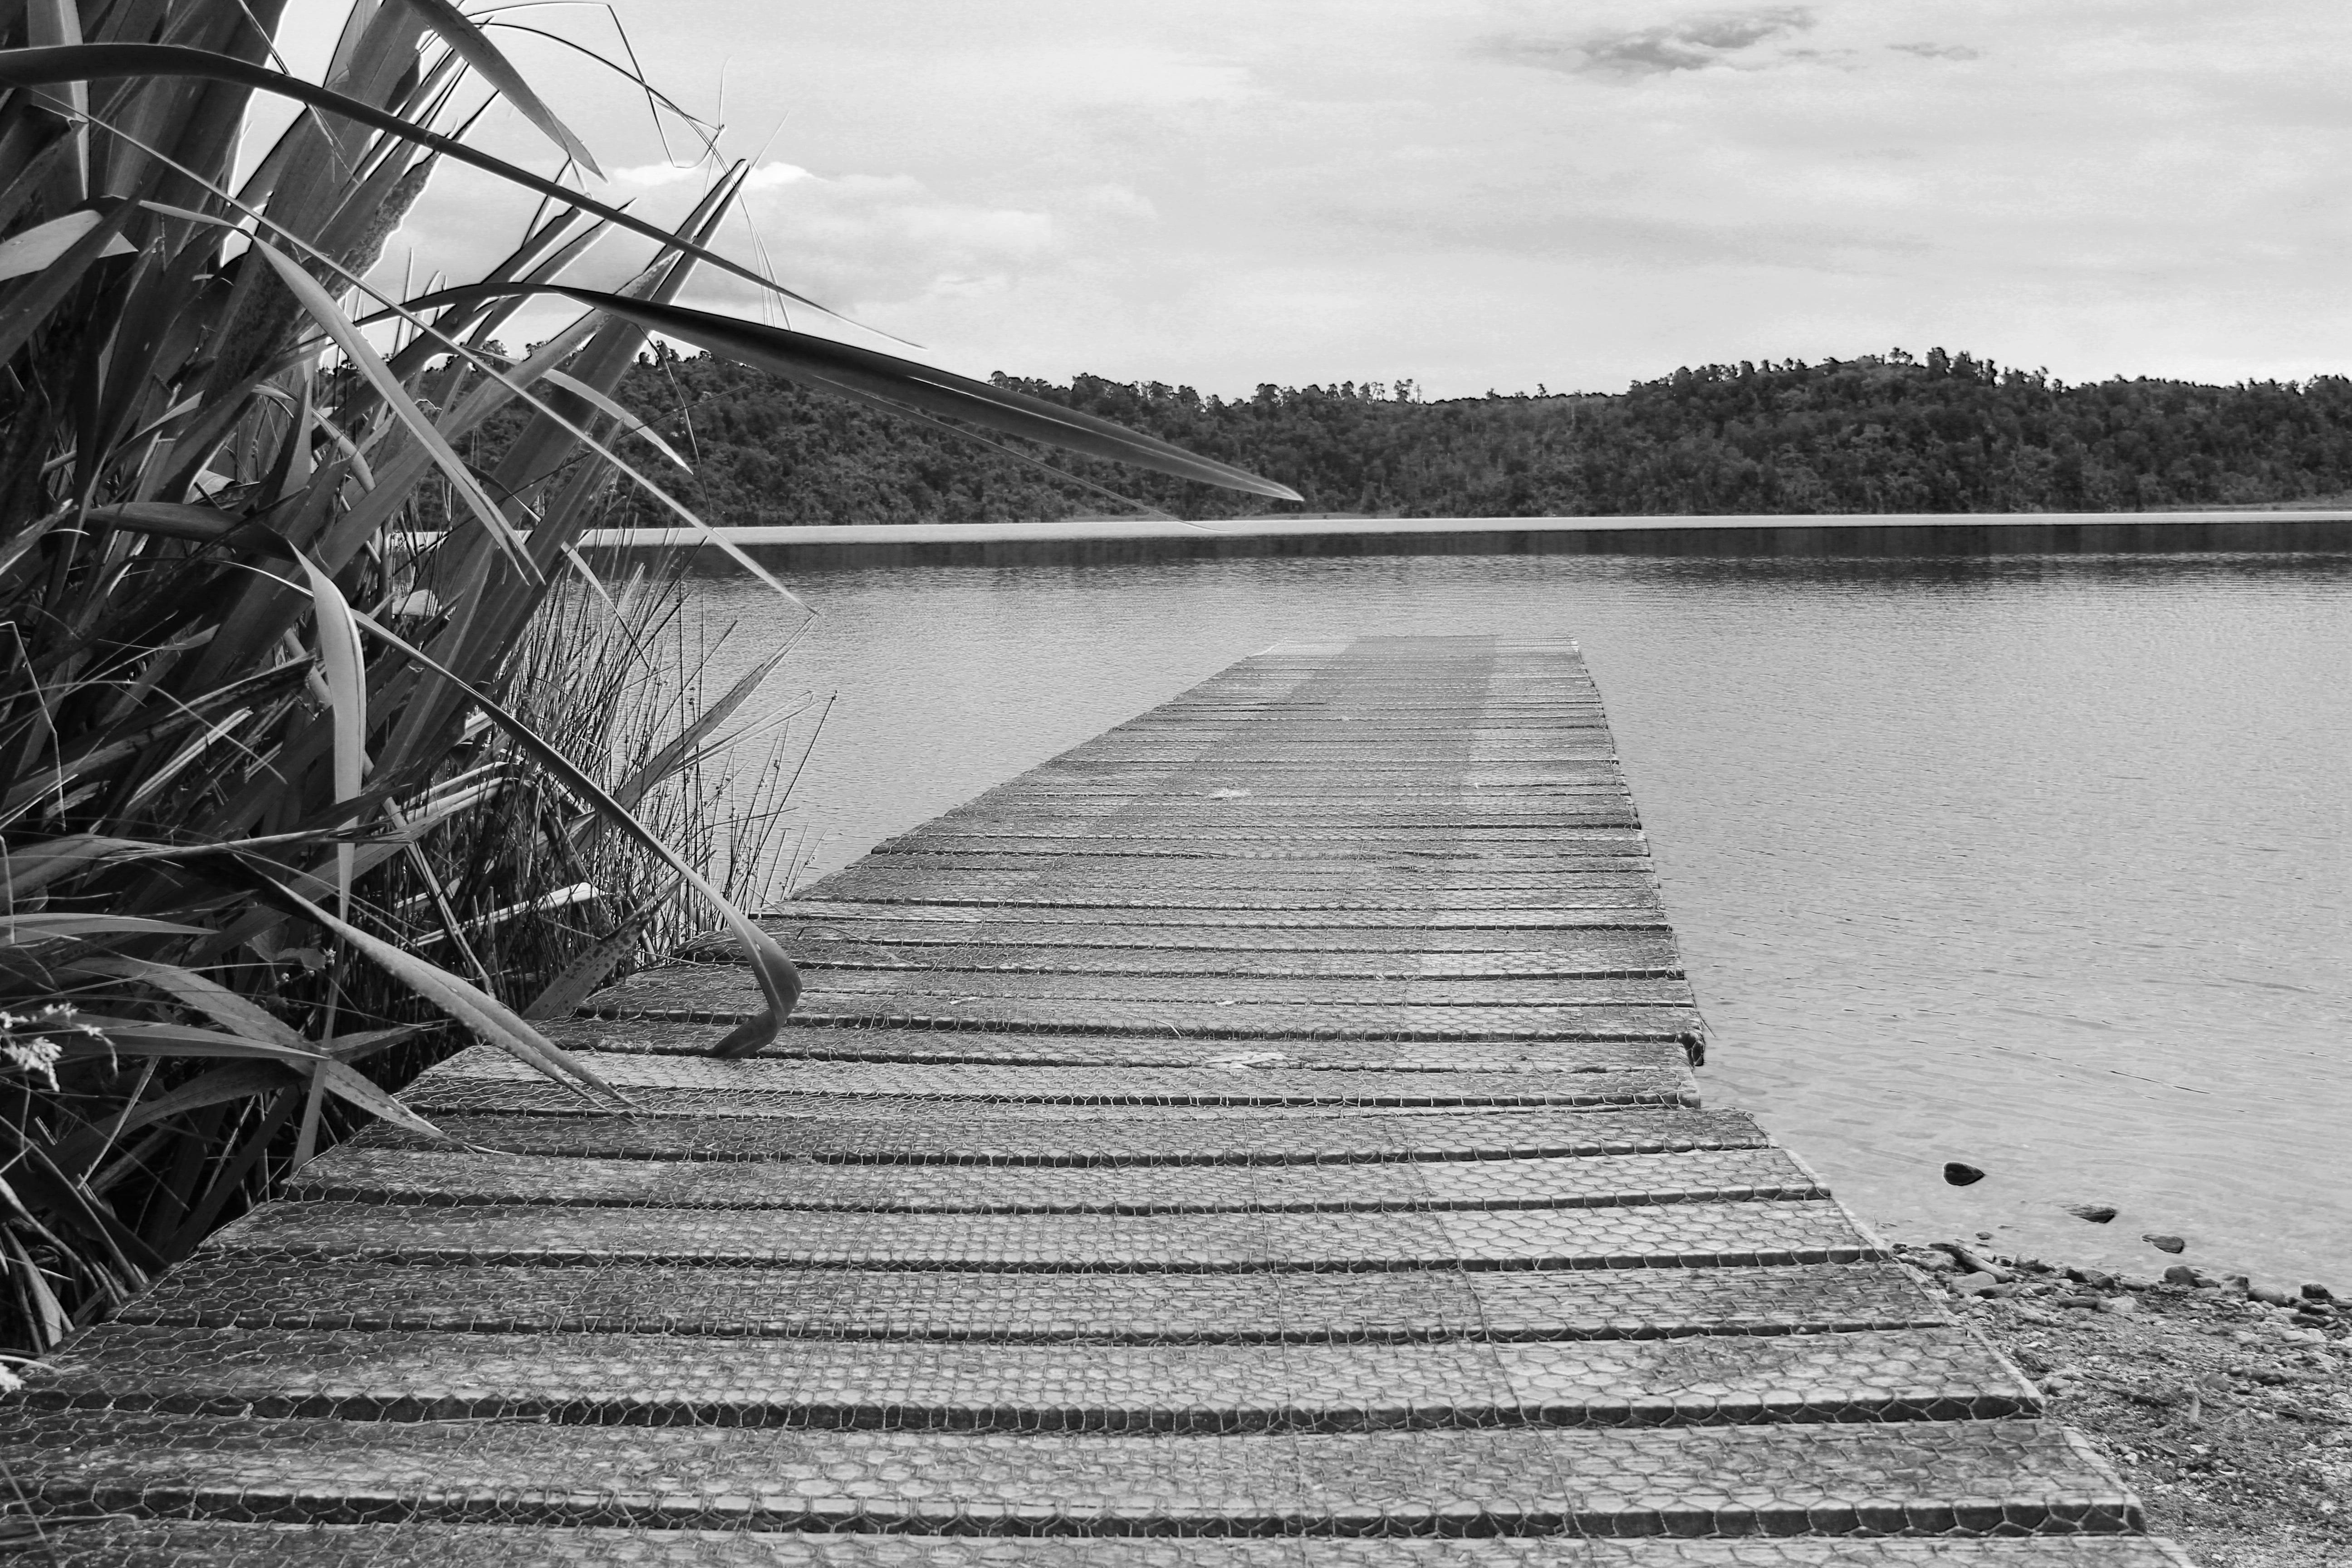 фото черно белые пристань зрительную память